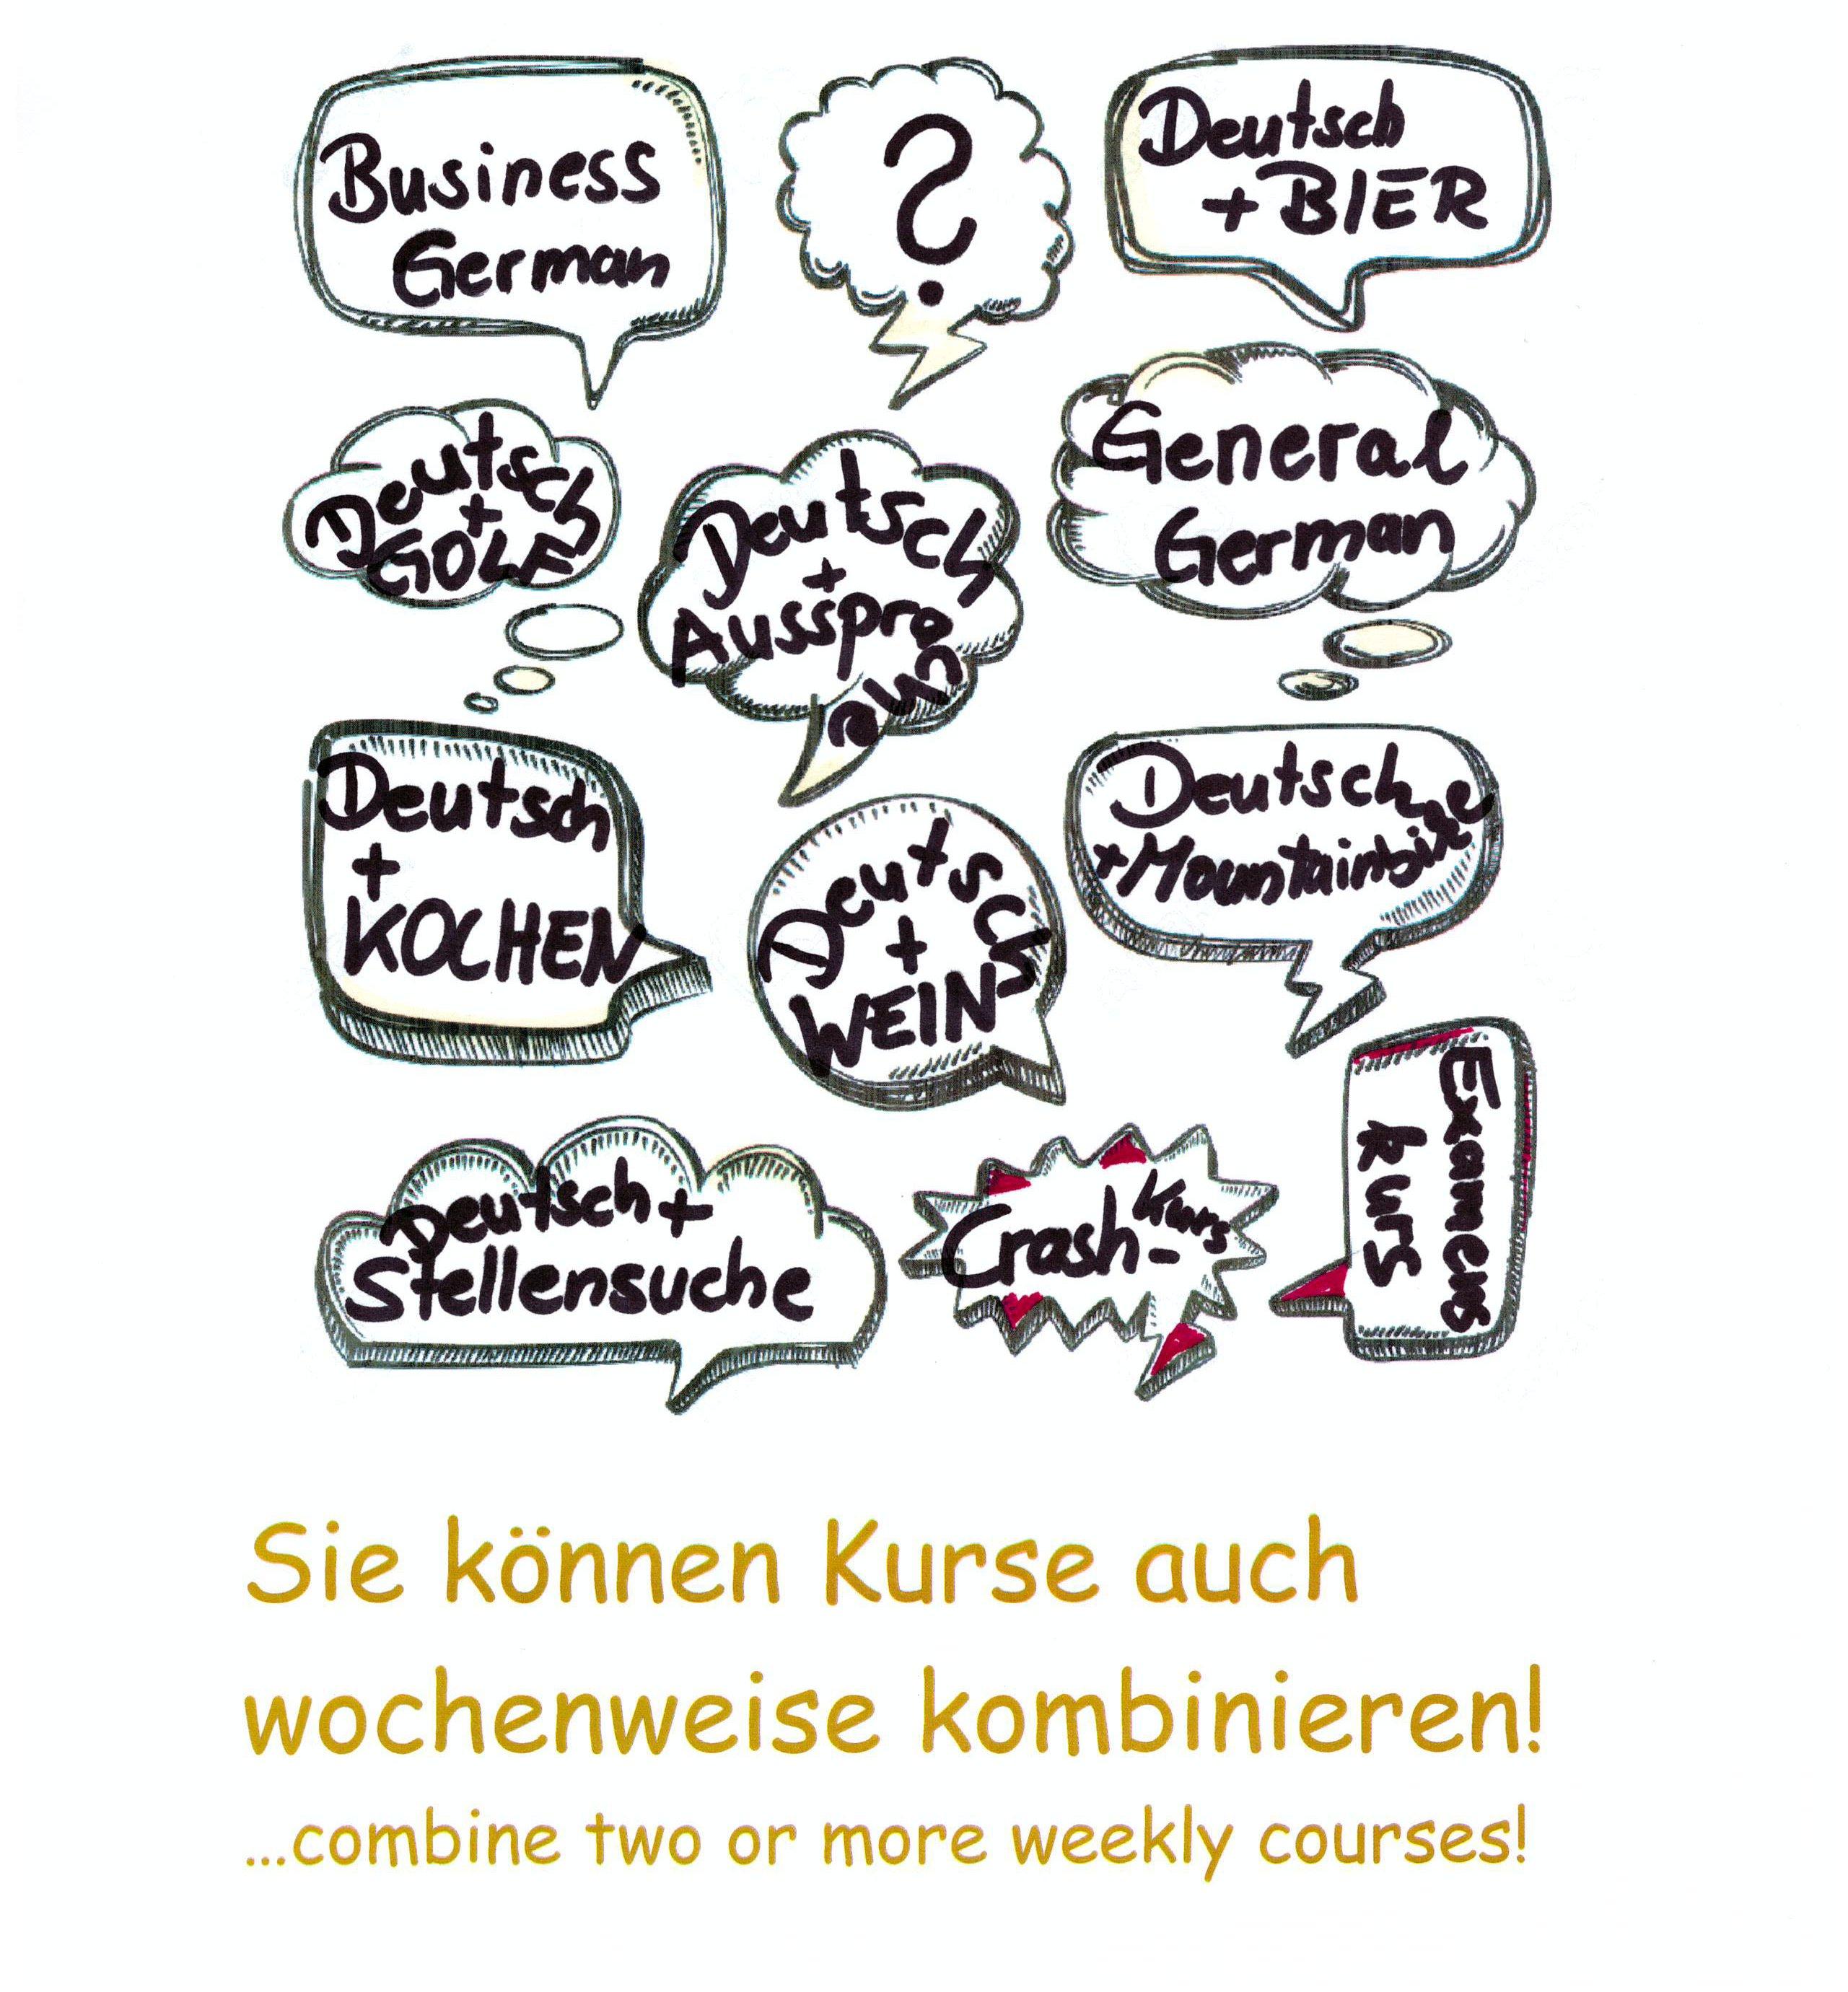 Wählen SIe das Schwerpunktthema Ihres Deutschkurses